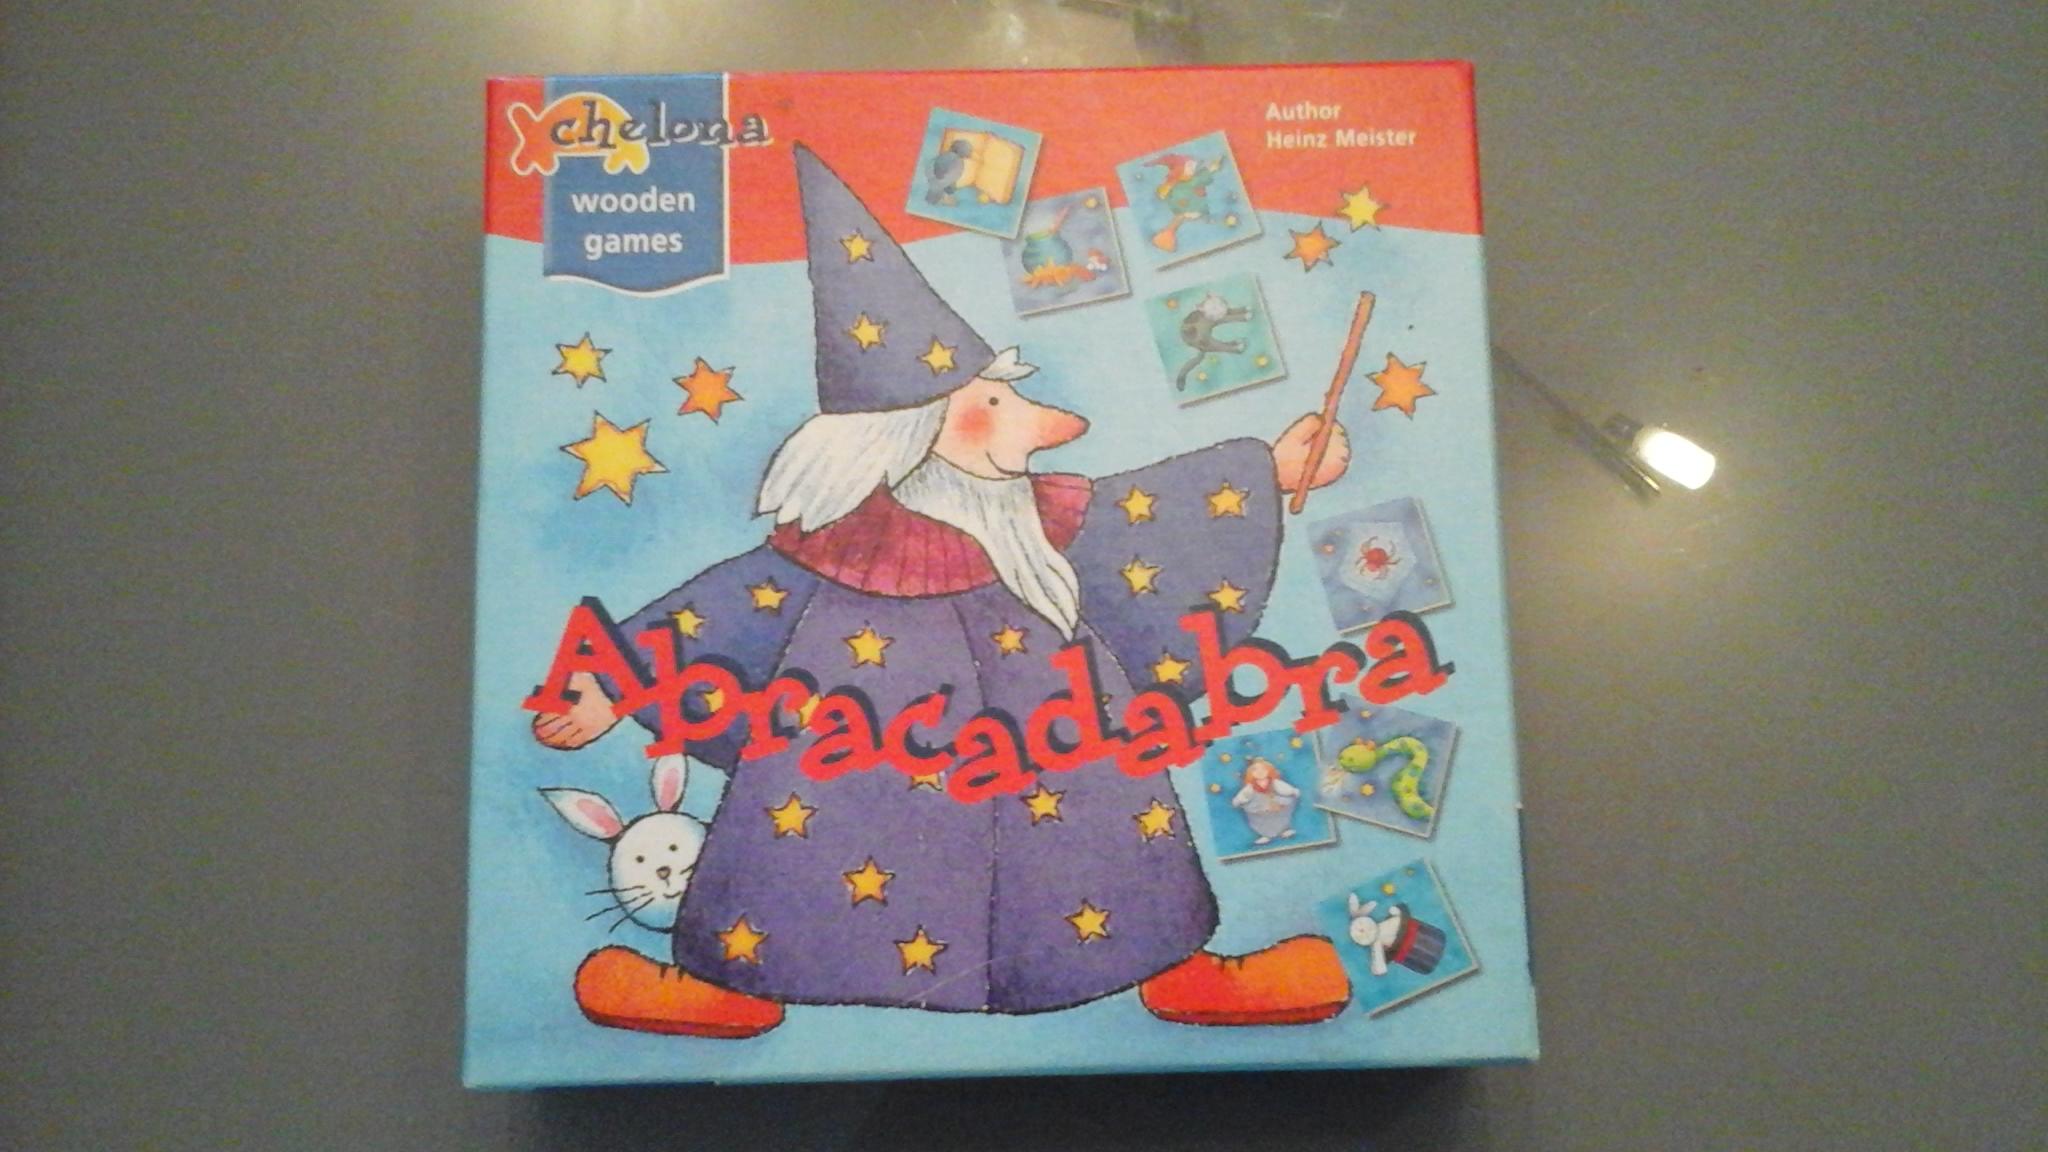 Abracadabra - Wooden Games